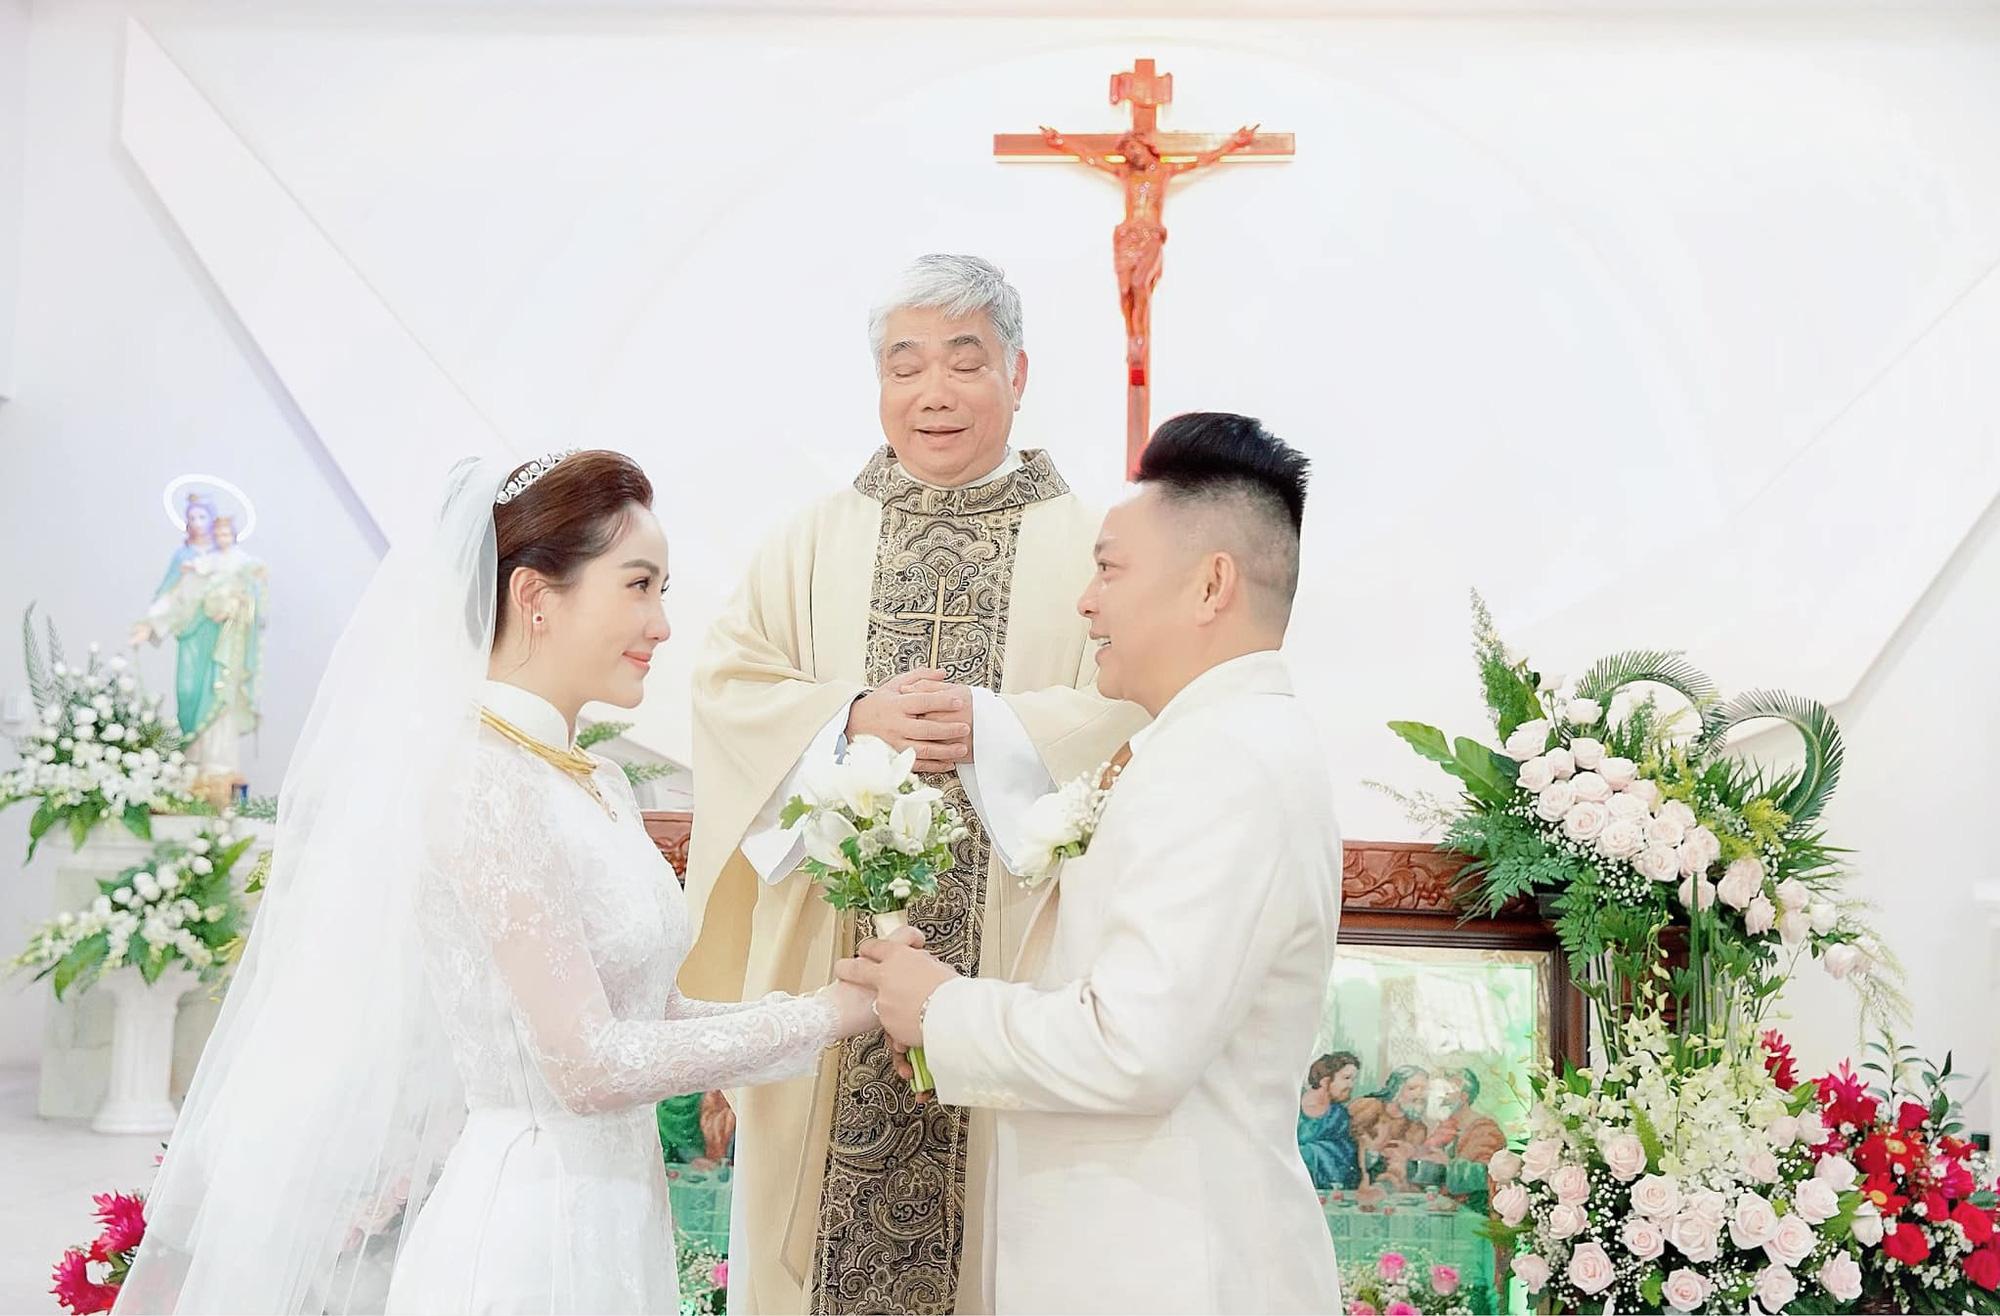 Những đám cưới lịch sử khuấy đảo showbiz Việt 2019 - Ảnh 4.